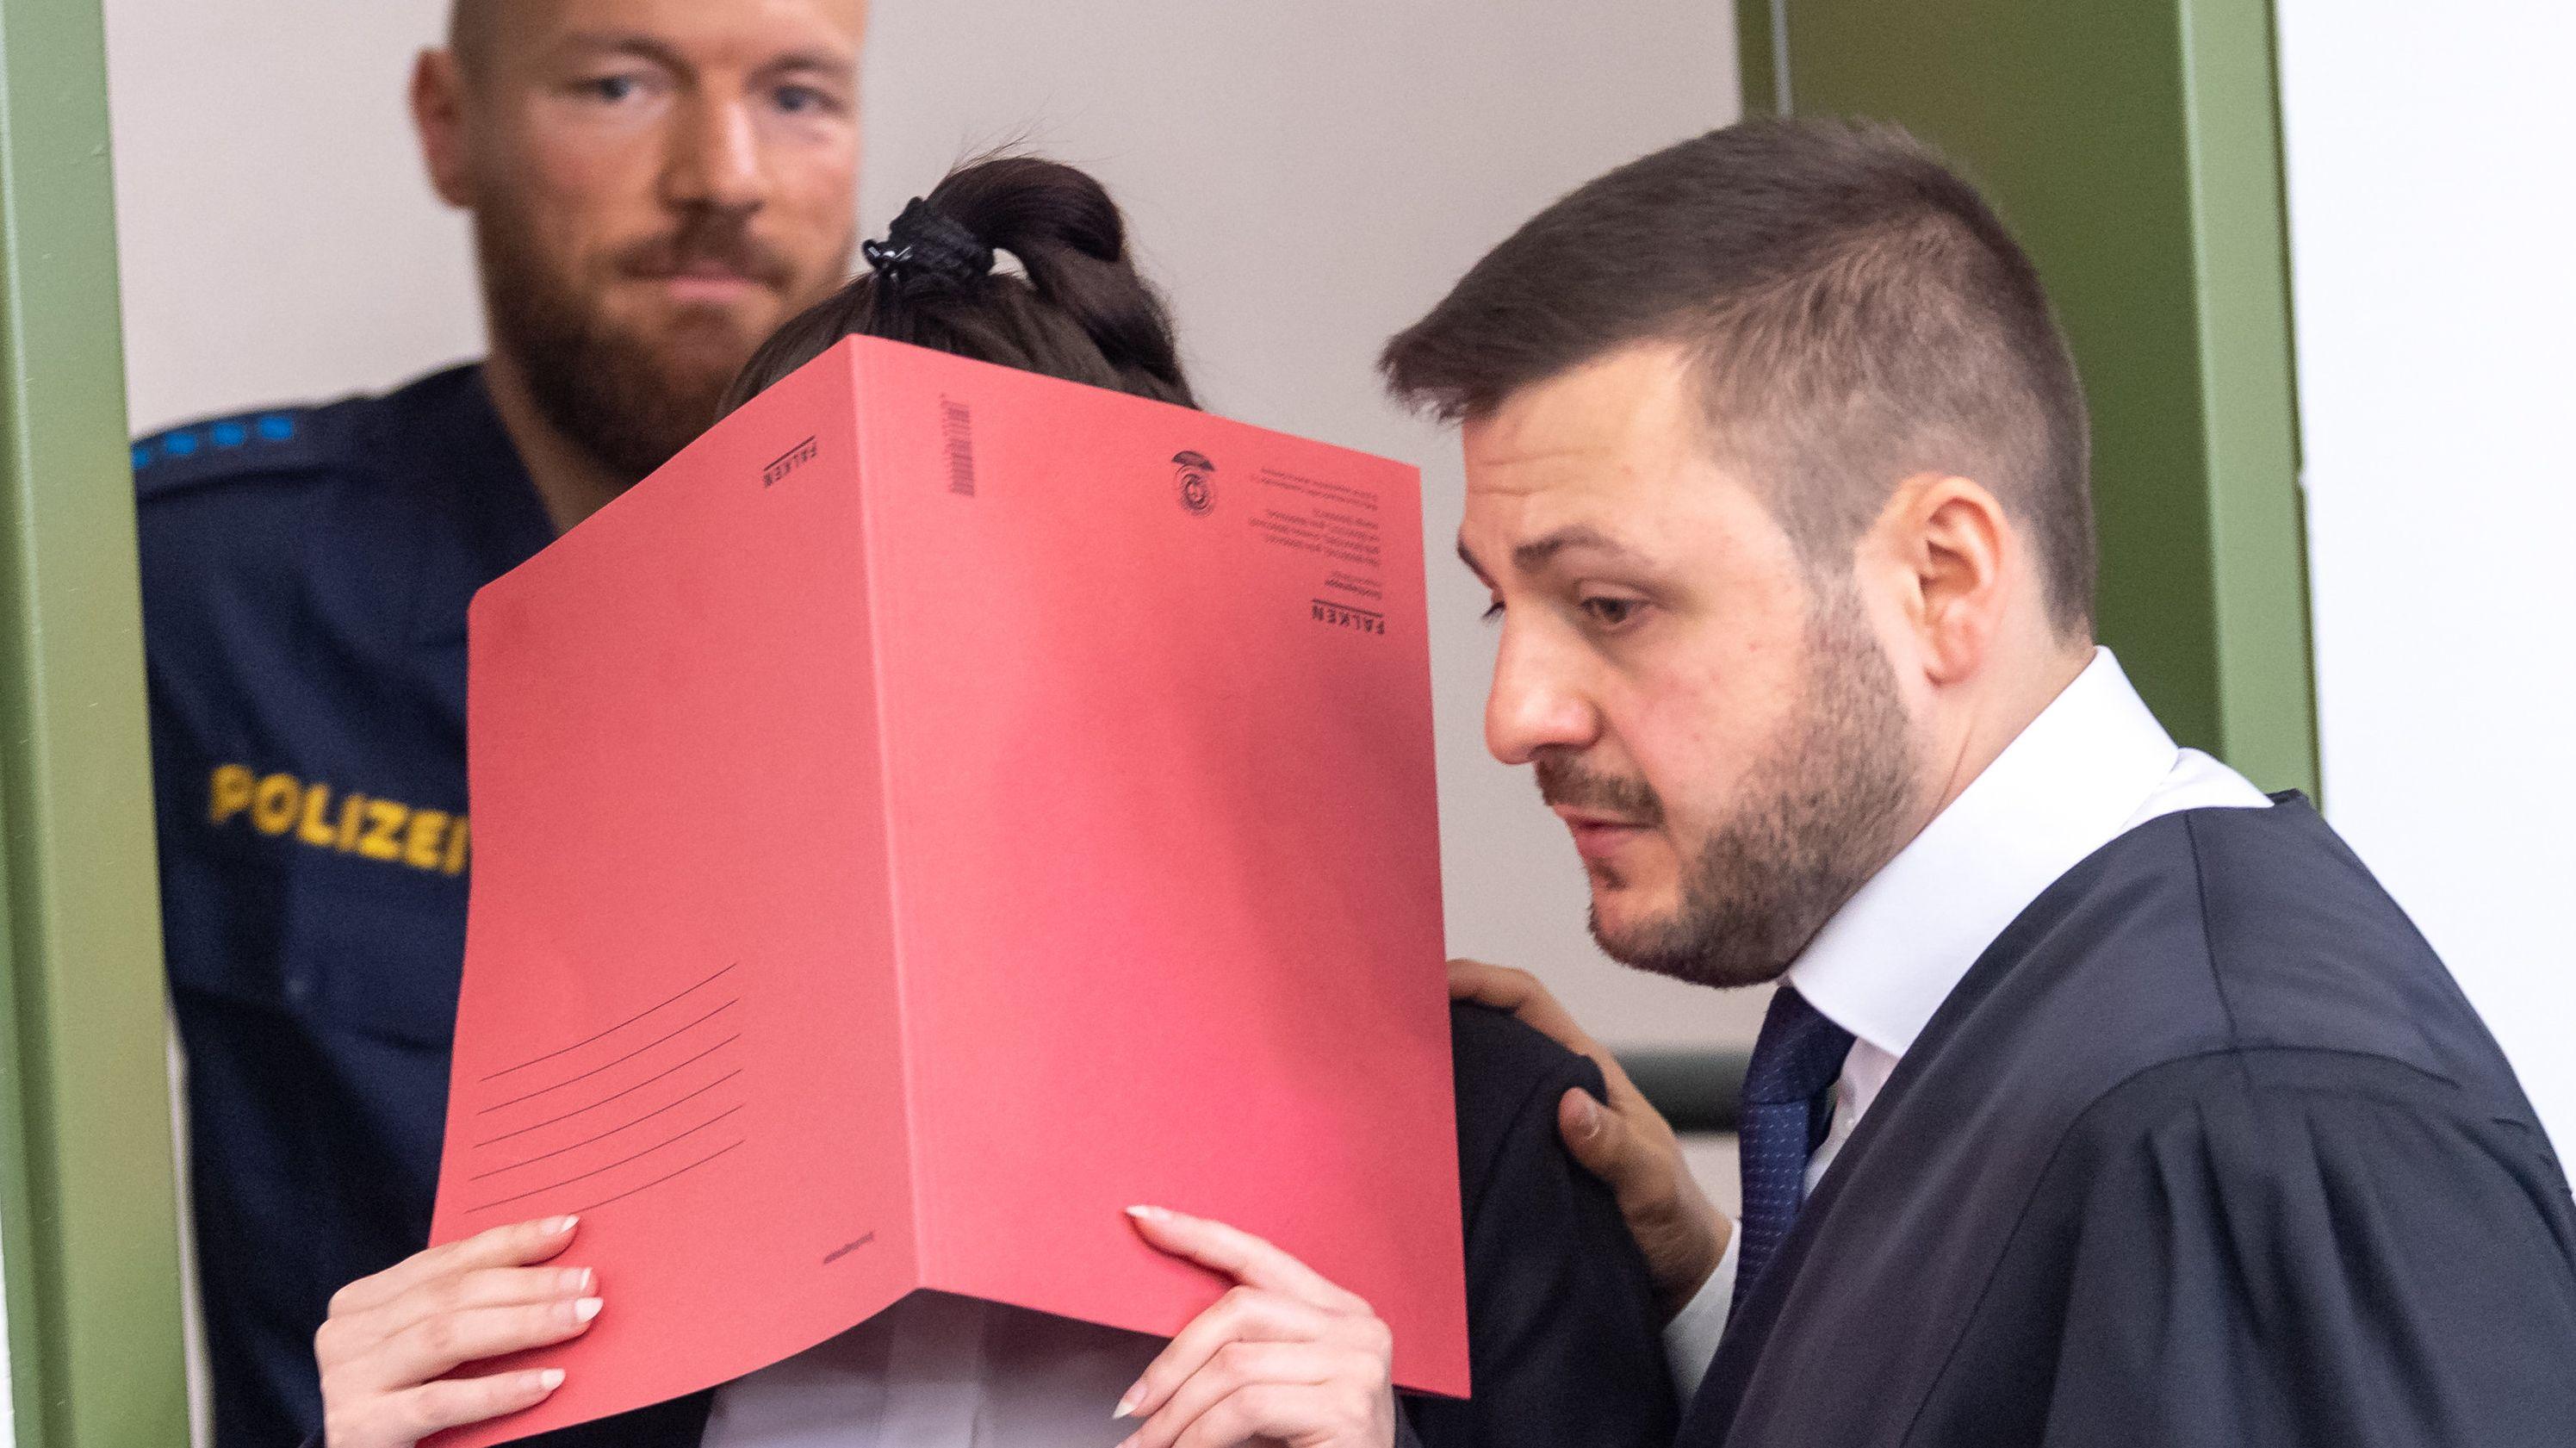 Die Angeklagte Jennifer W. halt sich beim Betreten des Gerichtssaals in München einen Aktendeckel vor das Gesicht. (Archivbild vom 9. April 2019)